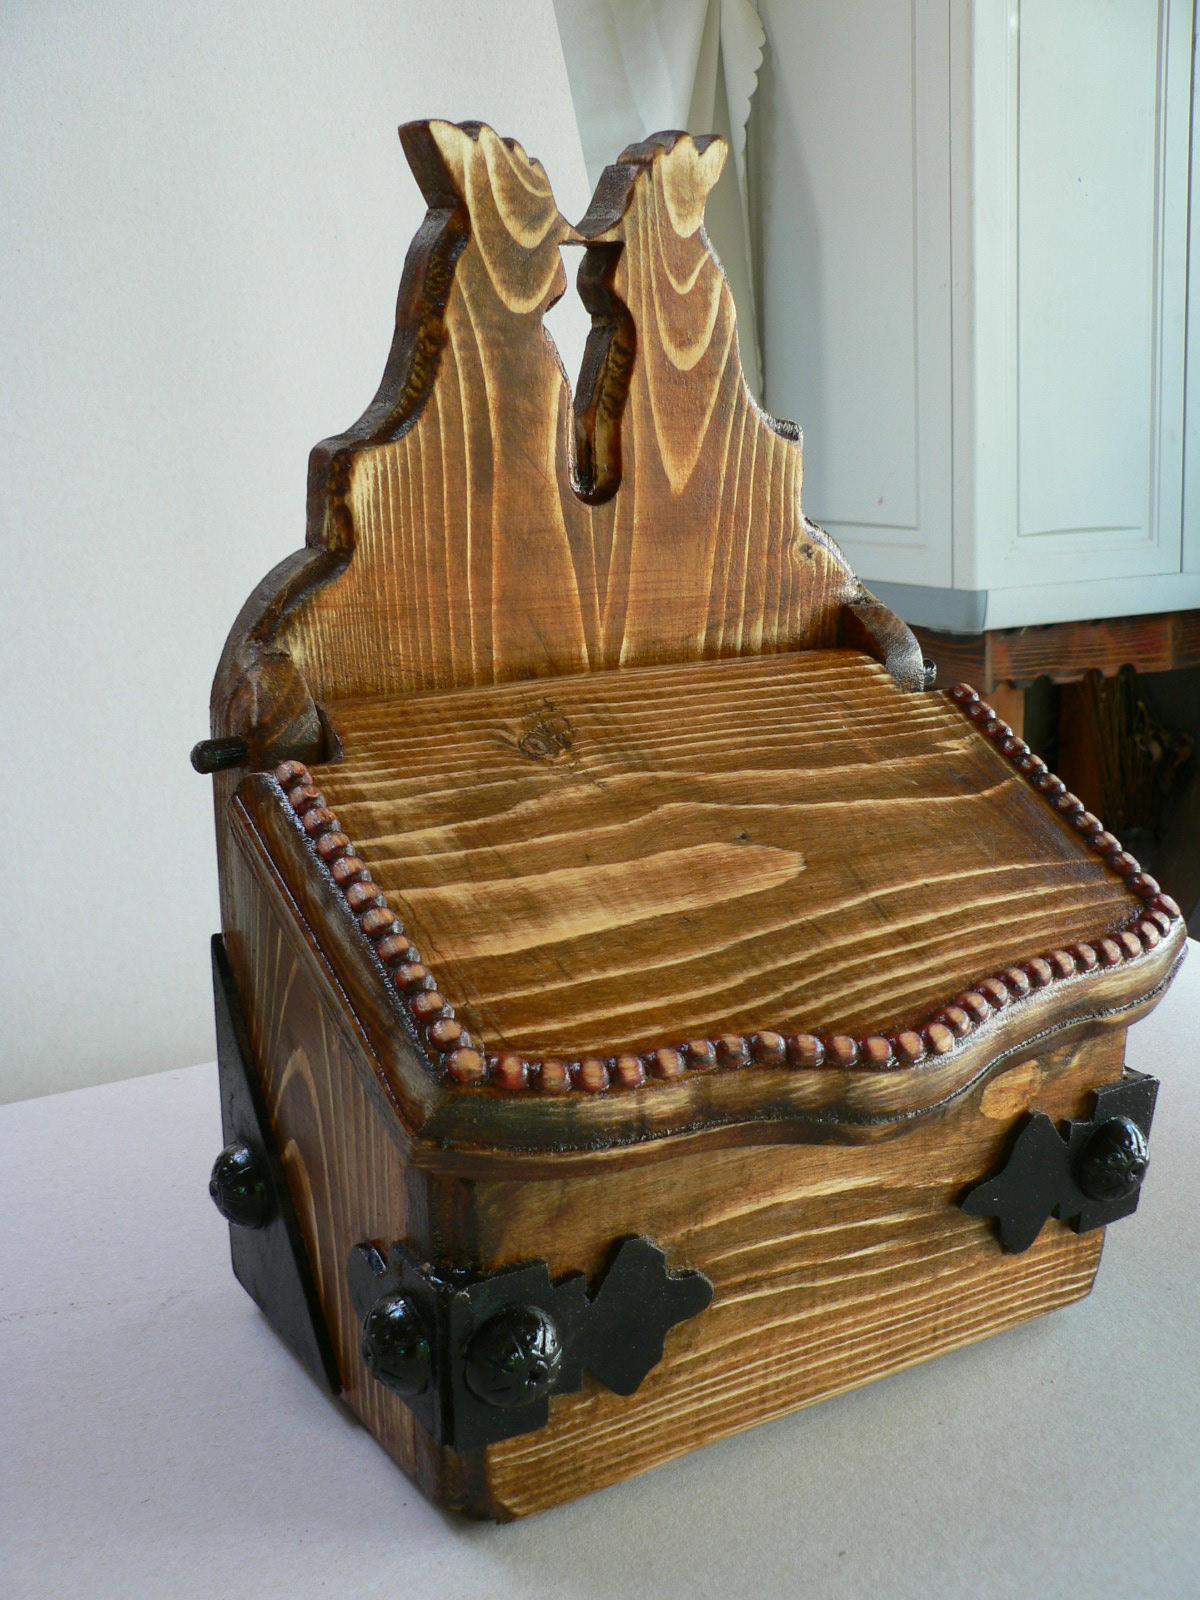 SARARITA-lemn de brad.Dim.43x25x18cm.